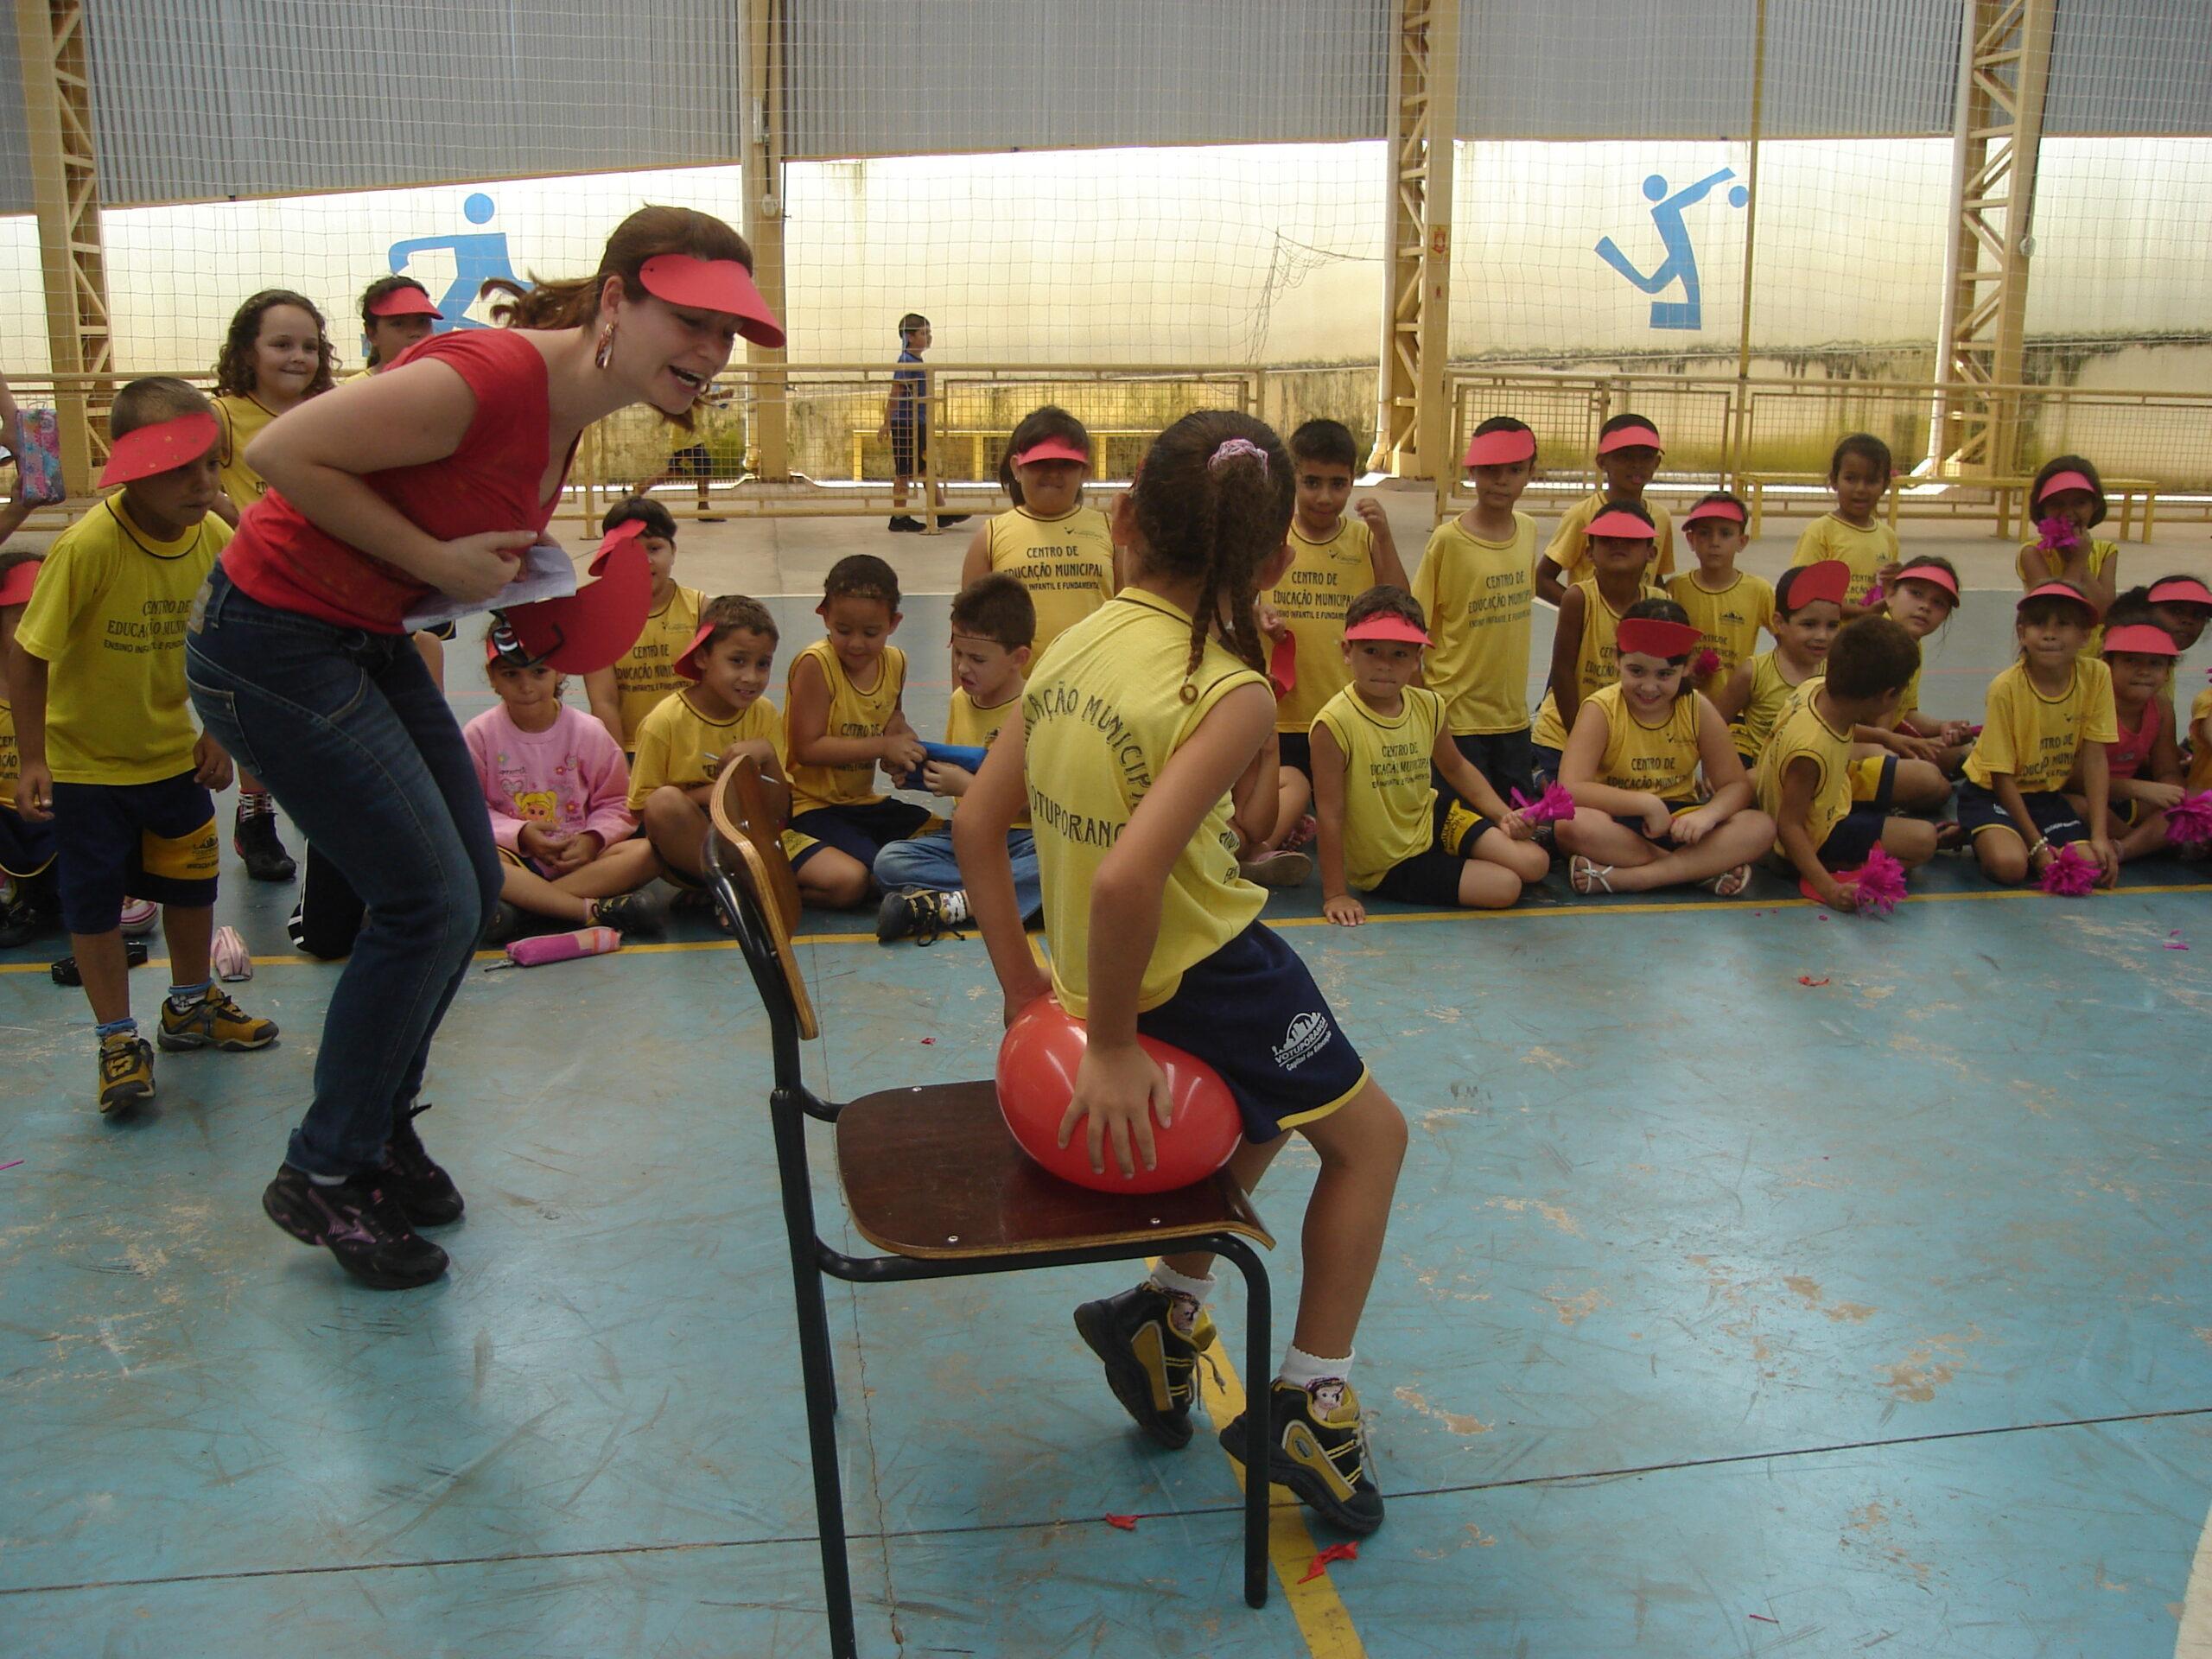 Competição de estourar balão na escola. Imagem ilustrativa texto importância da Educação Física.